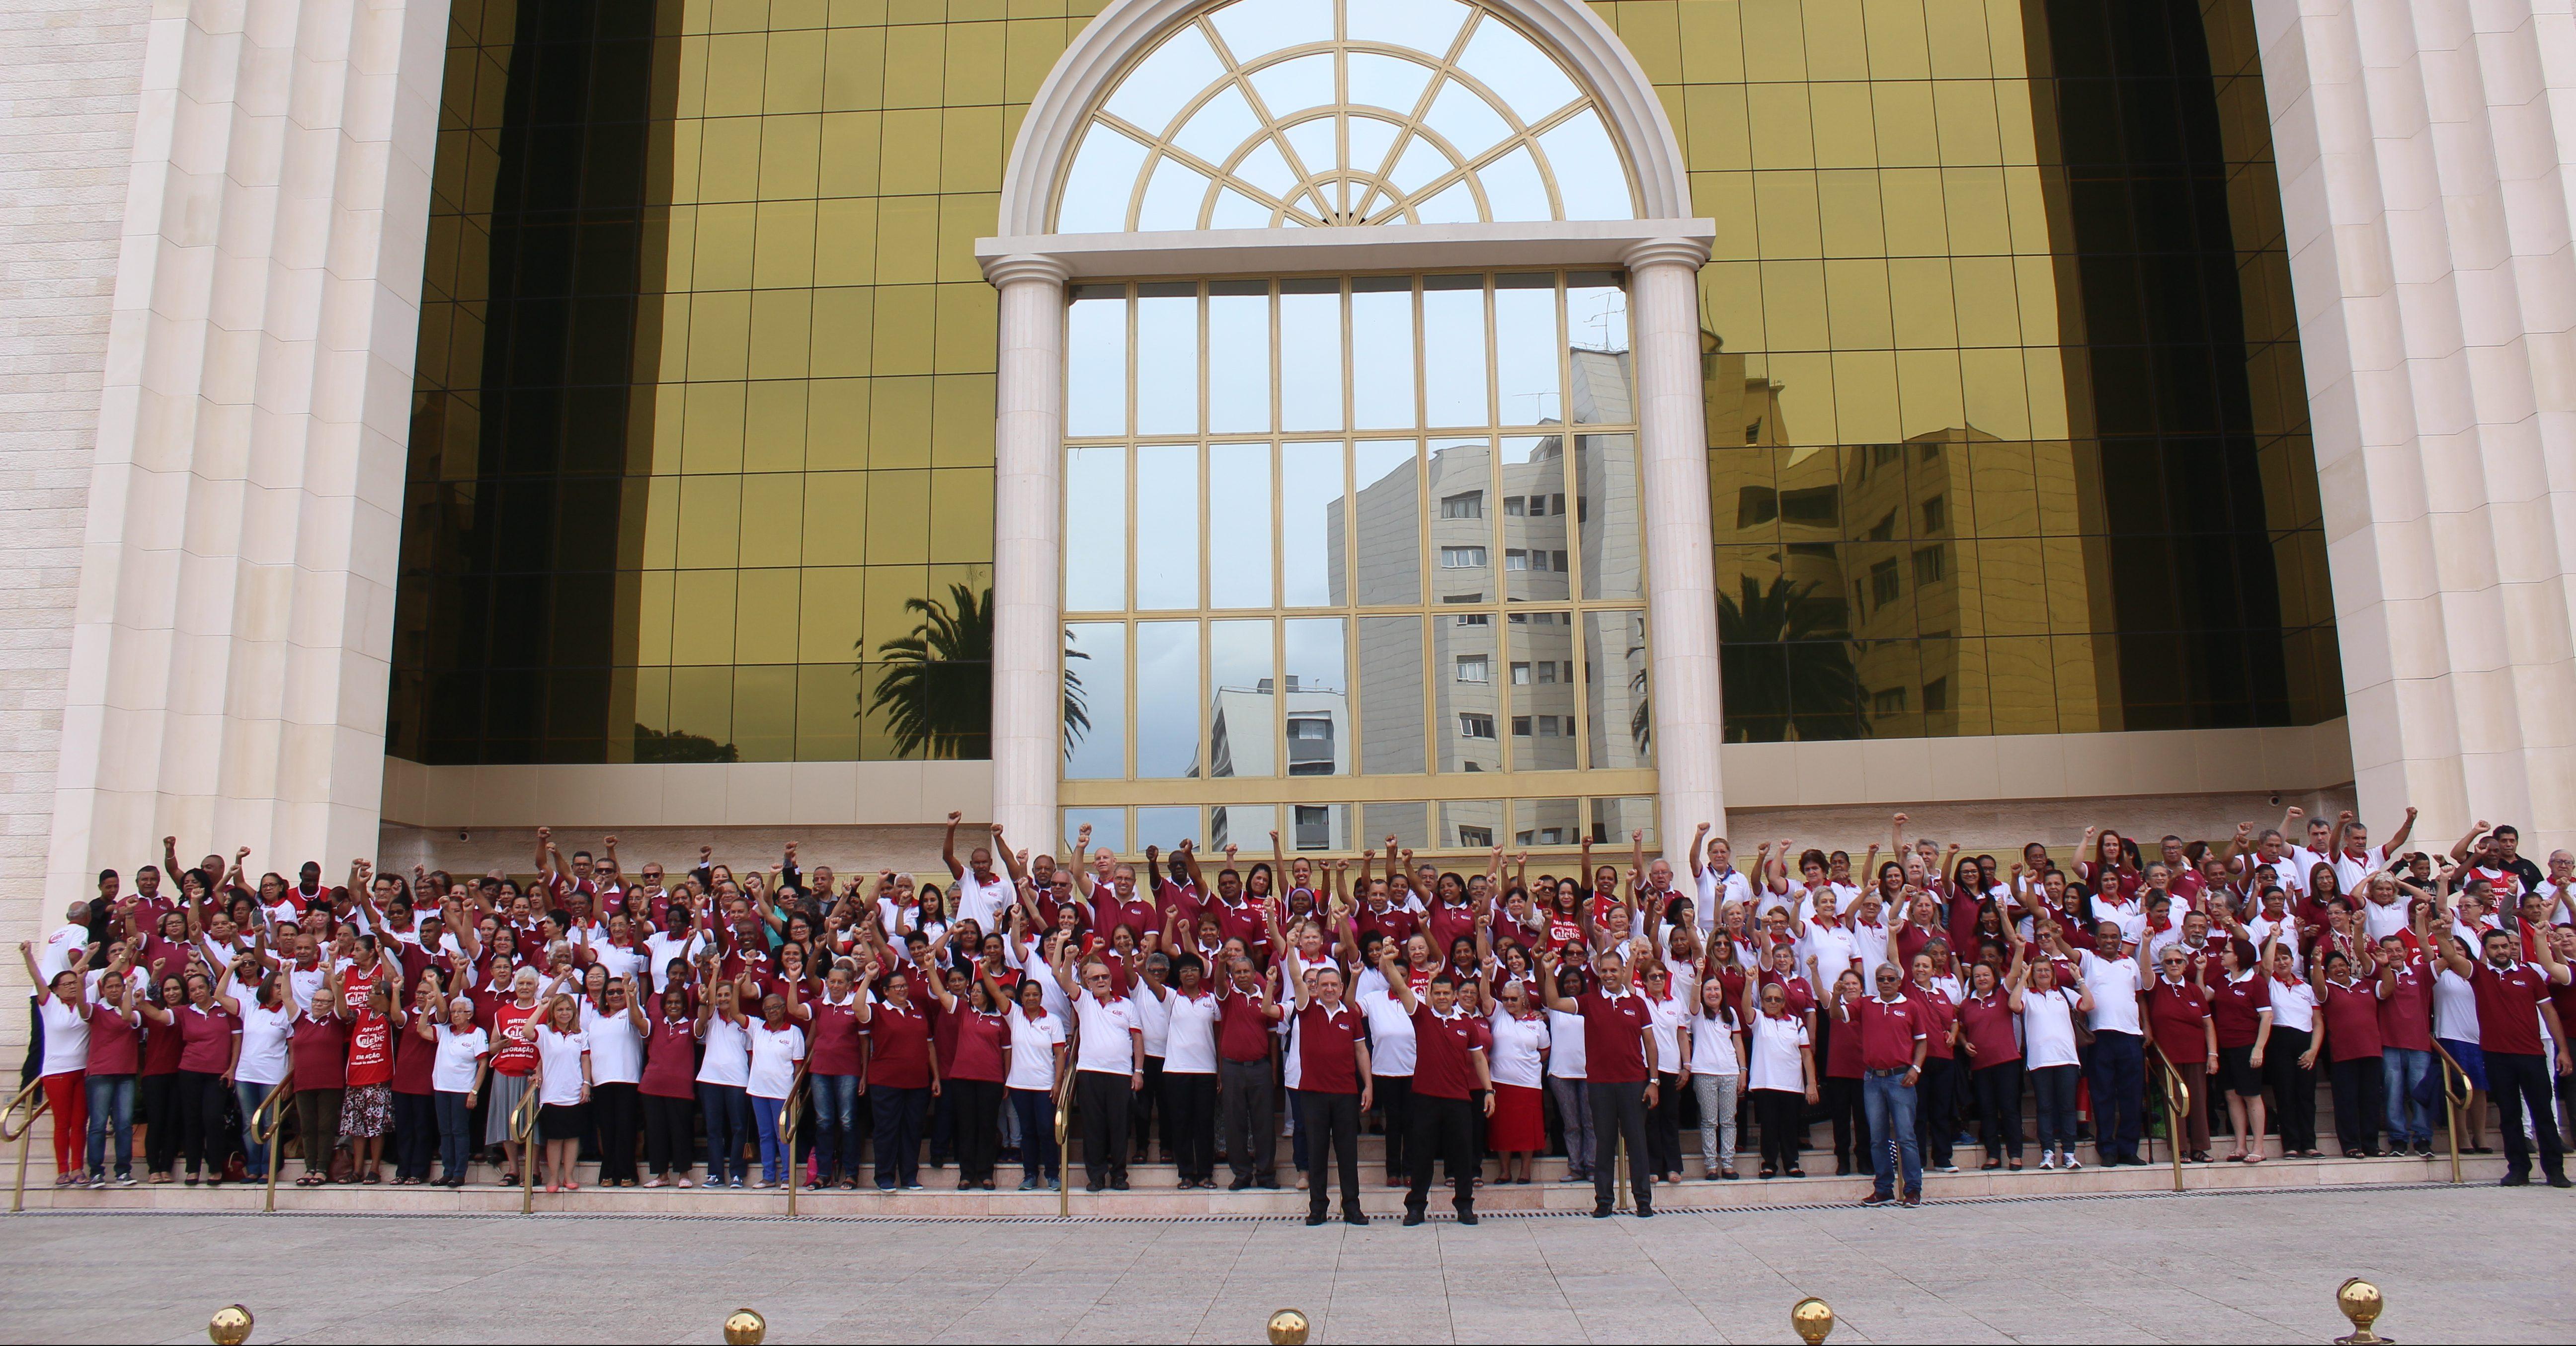 Milhares participaram da consagração do Calebe ao redor do mundo